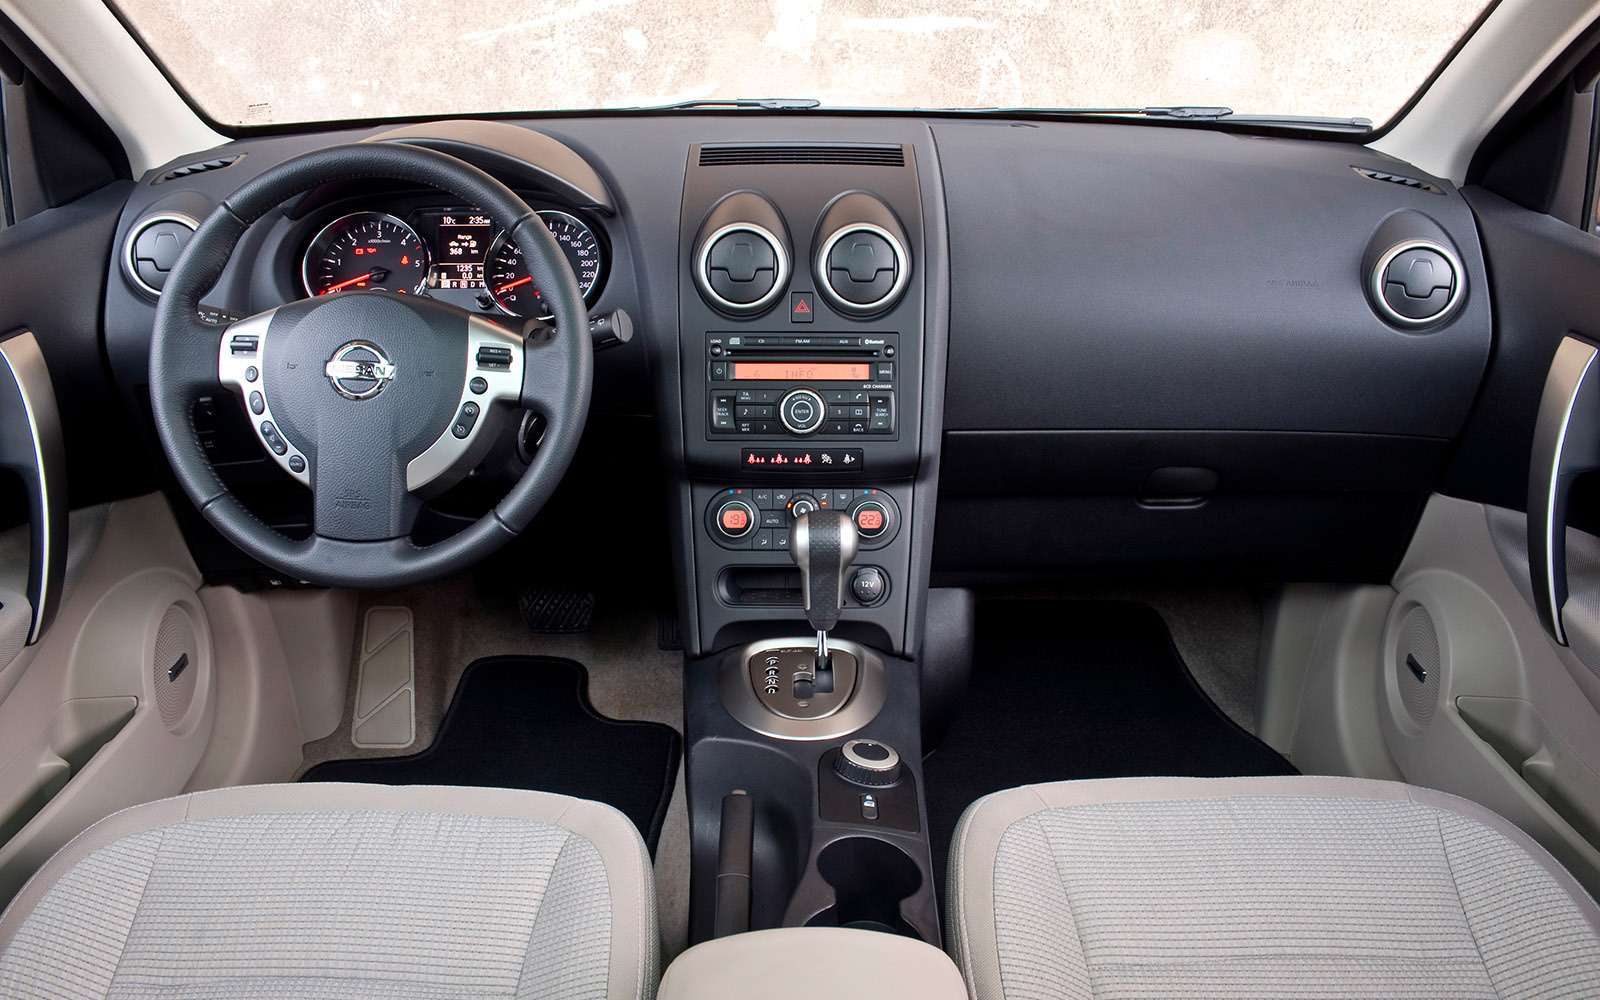 Nissan Qashqai 2006-2013: сила ислабости— фото 704704